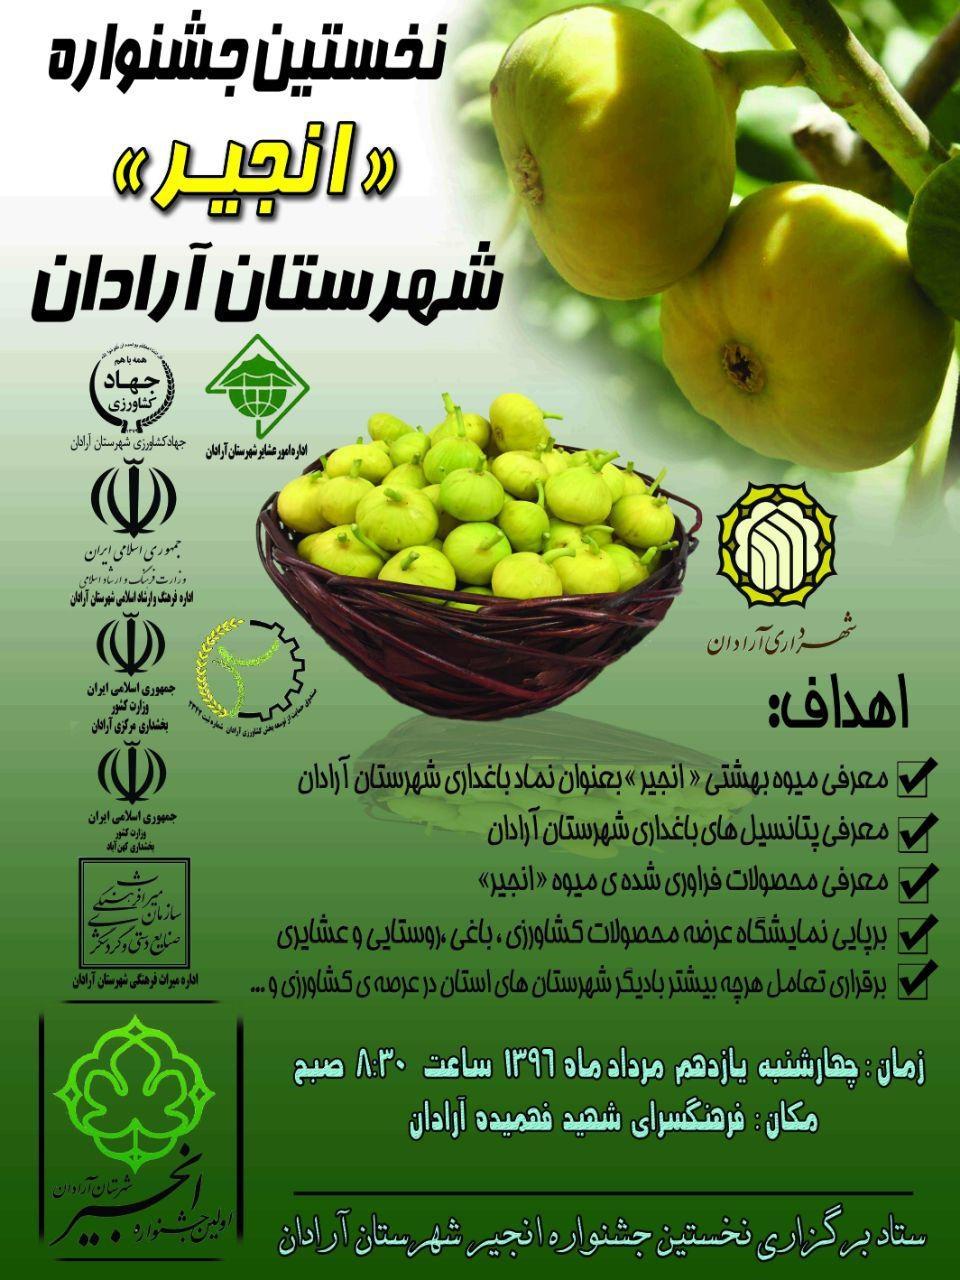 جشنواره انجیر در شهرستان آرادان برگزار می شود